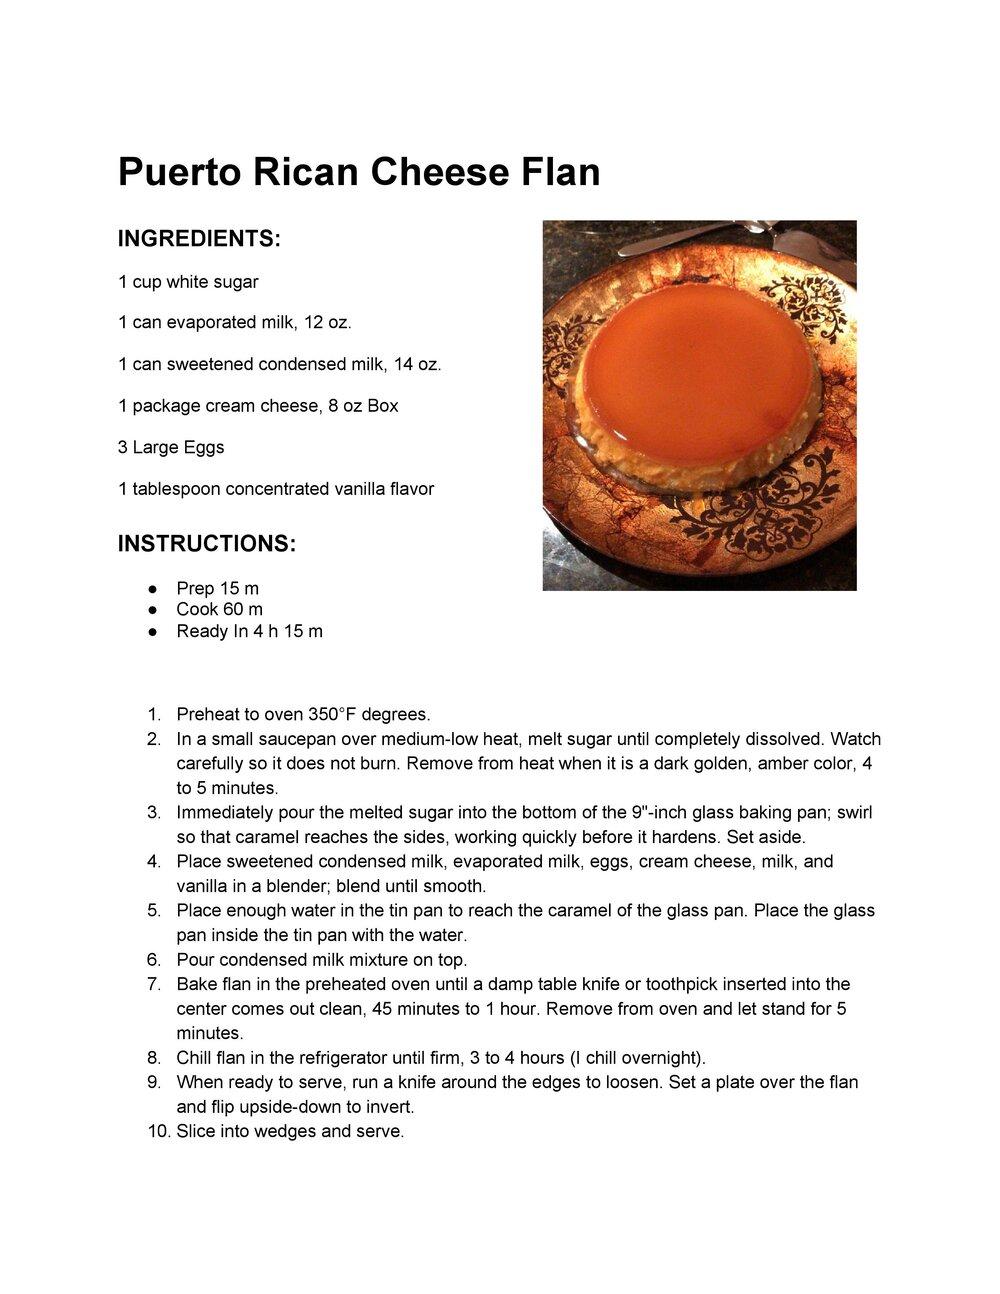 PuertoRicanCheeseFlan.jpg